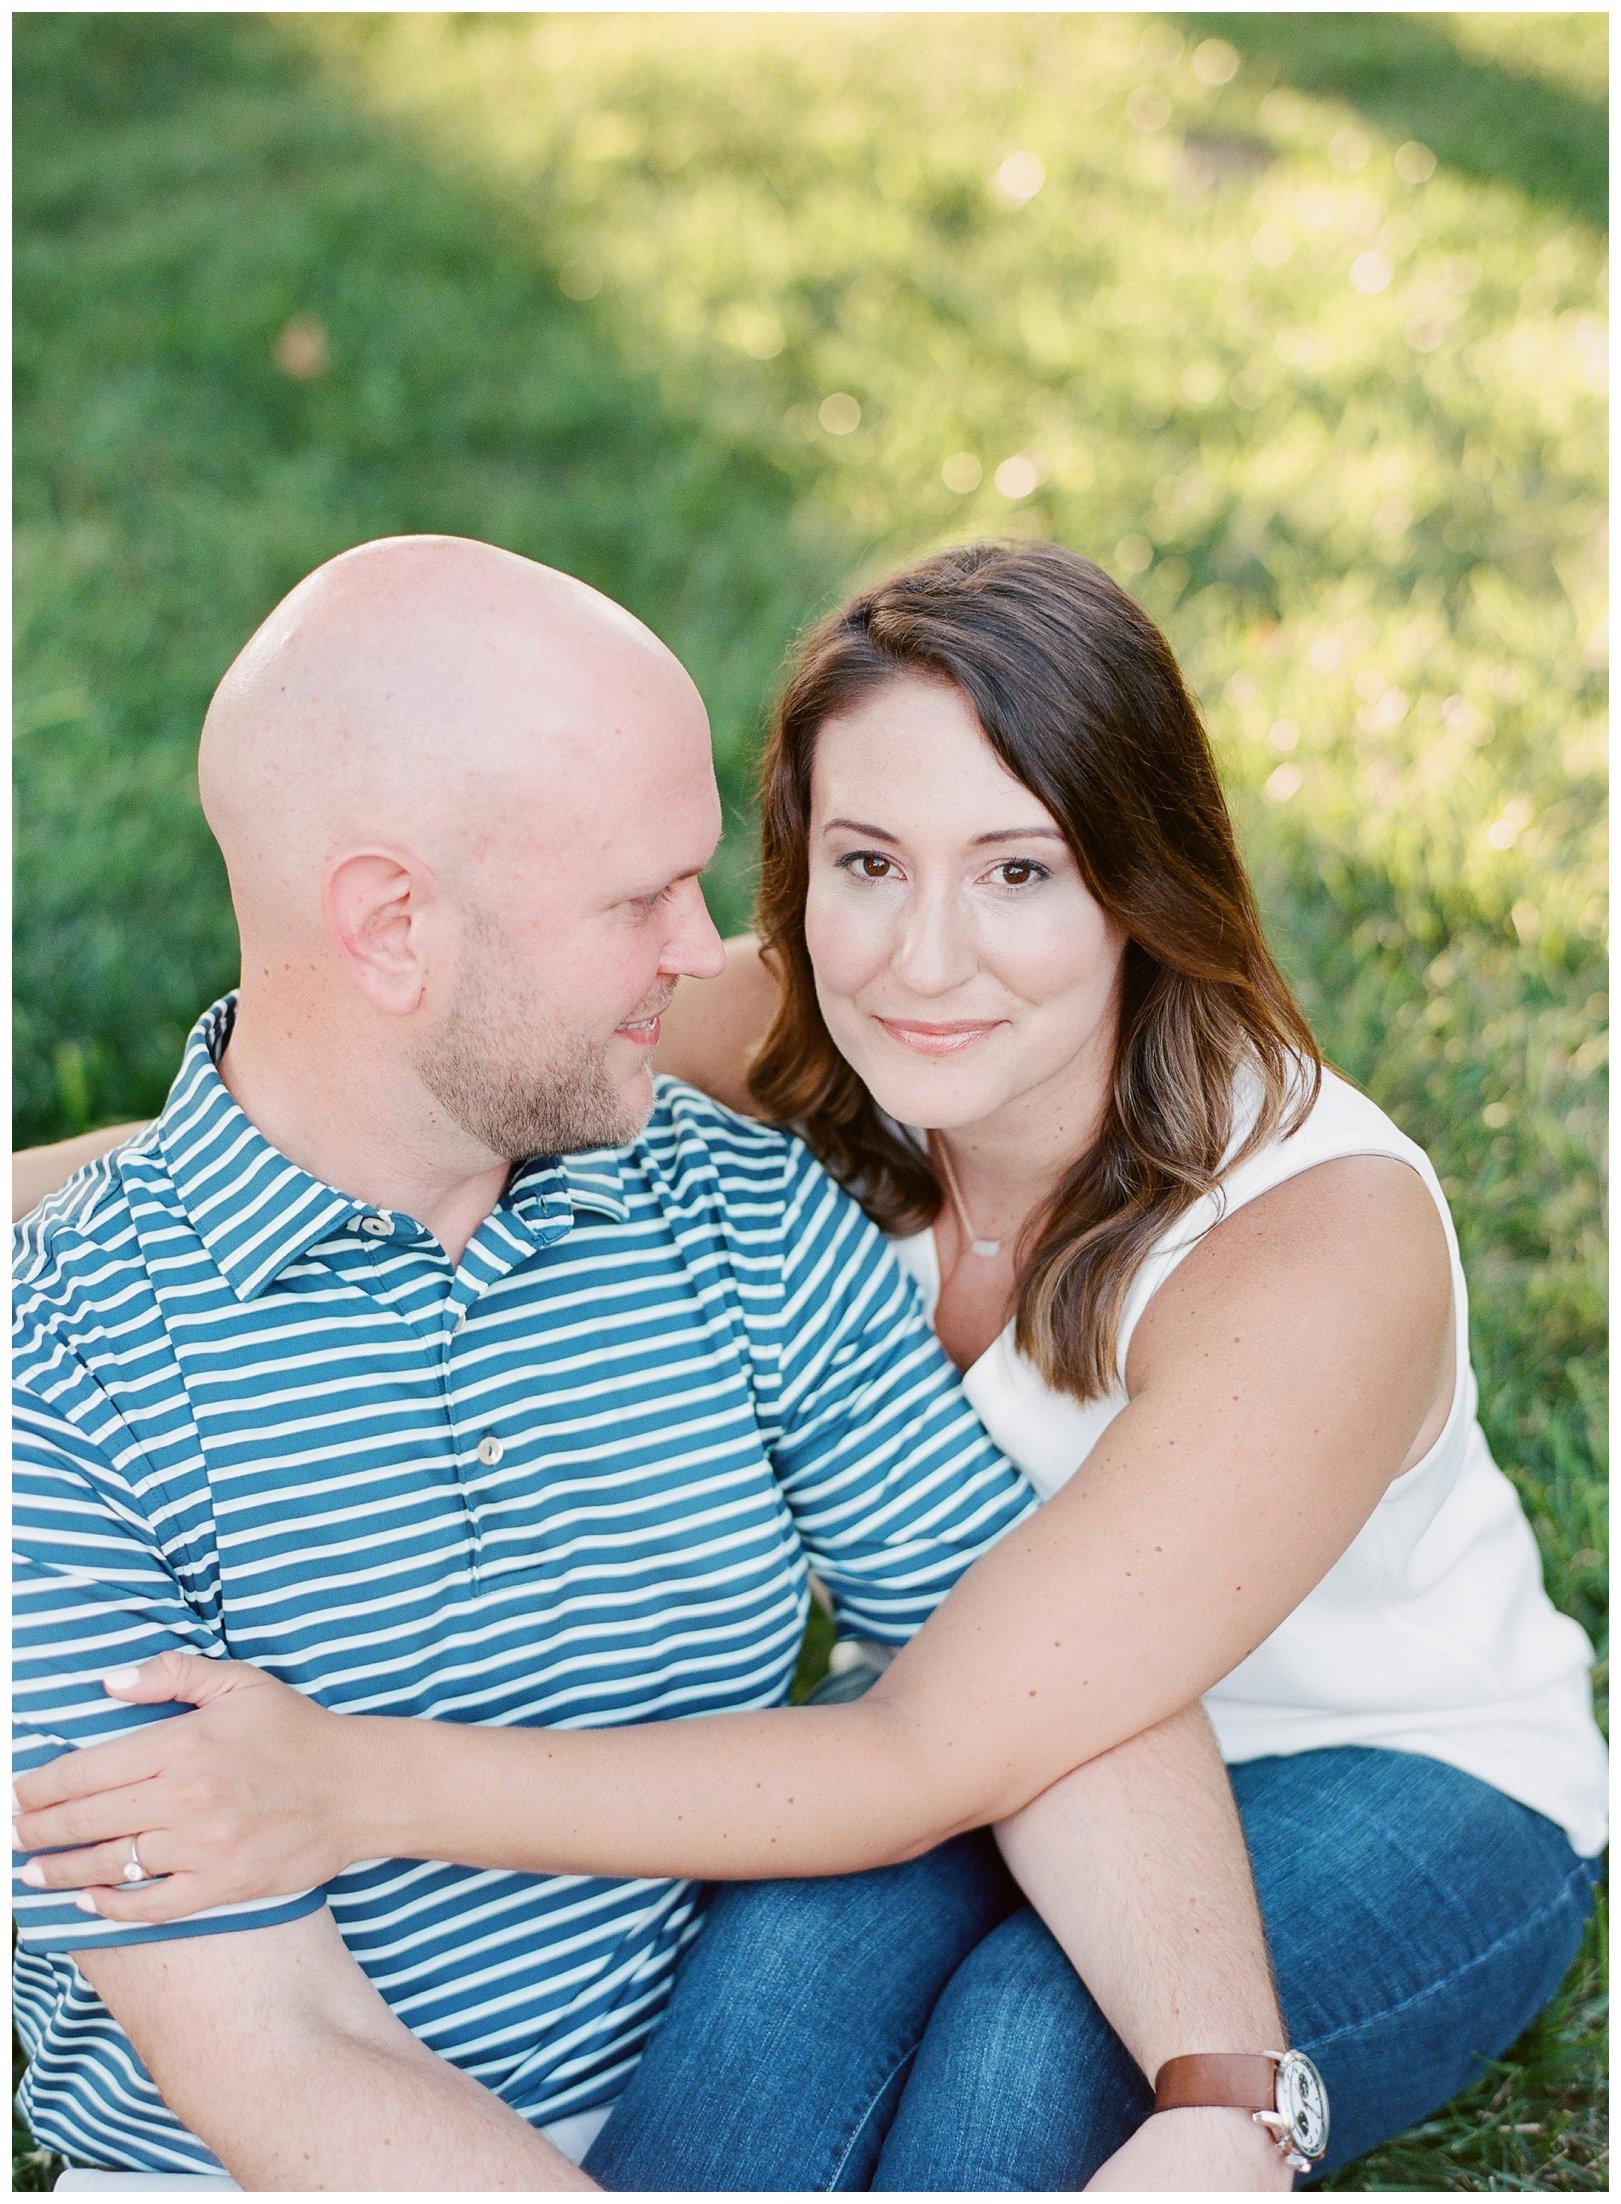 lauren muckler photography_fine art film wedding photography_st louis_photography_3618.jpg